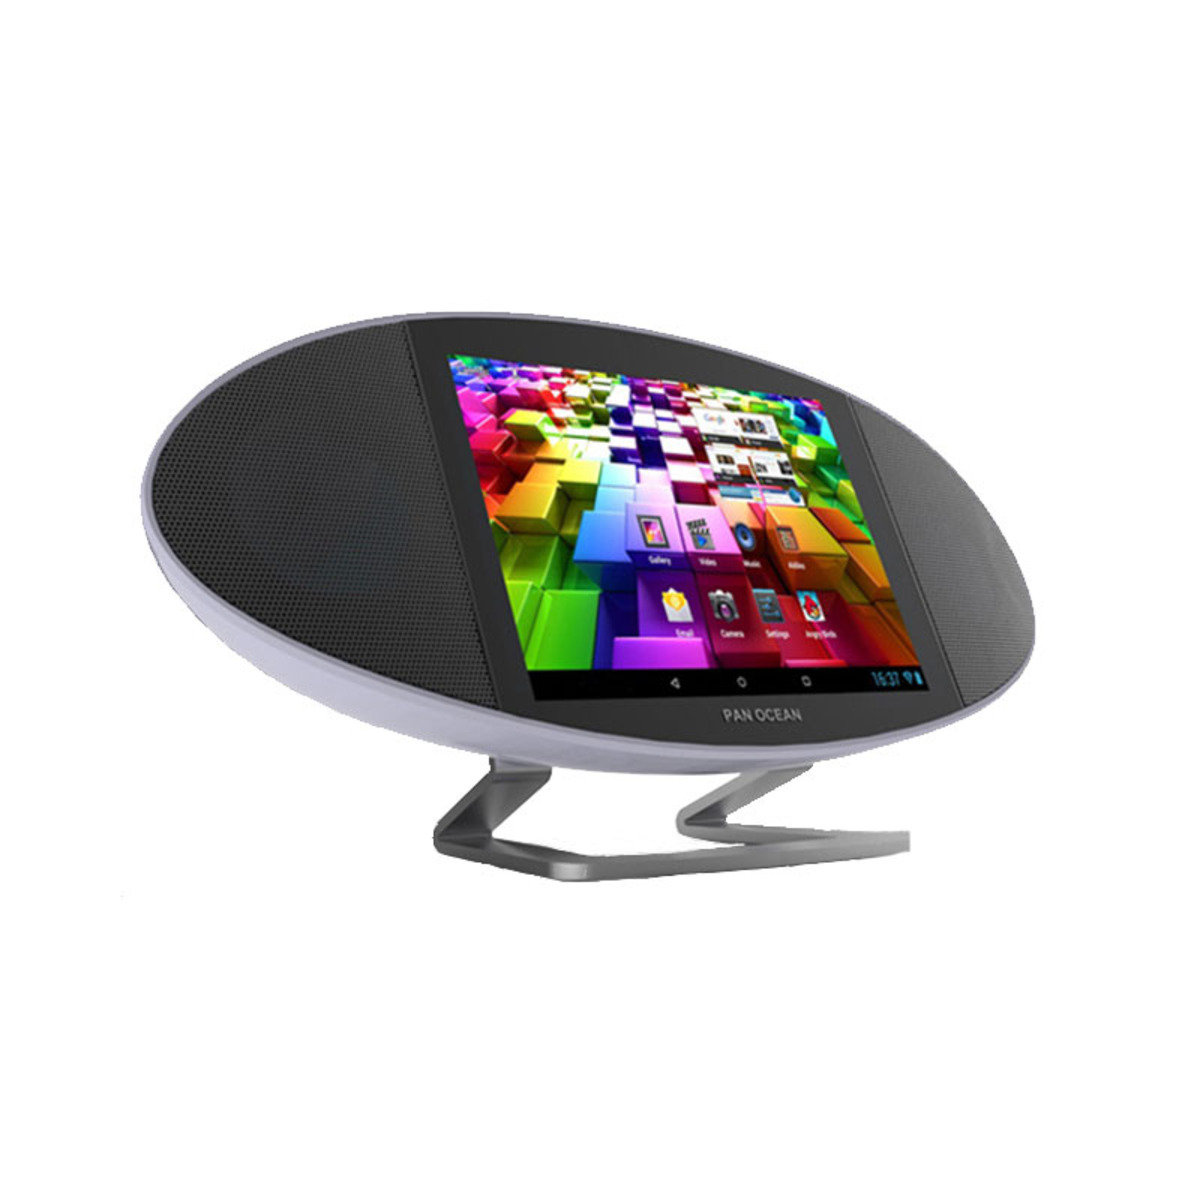 7吋 Android 平板連喇叭內置電池 Avy ZA-347